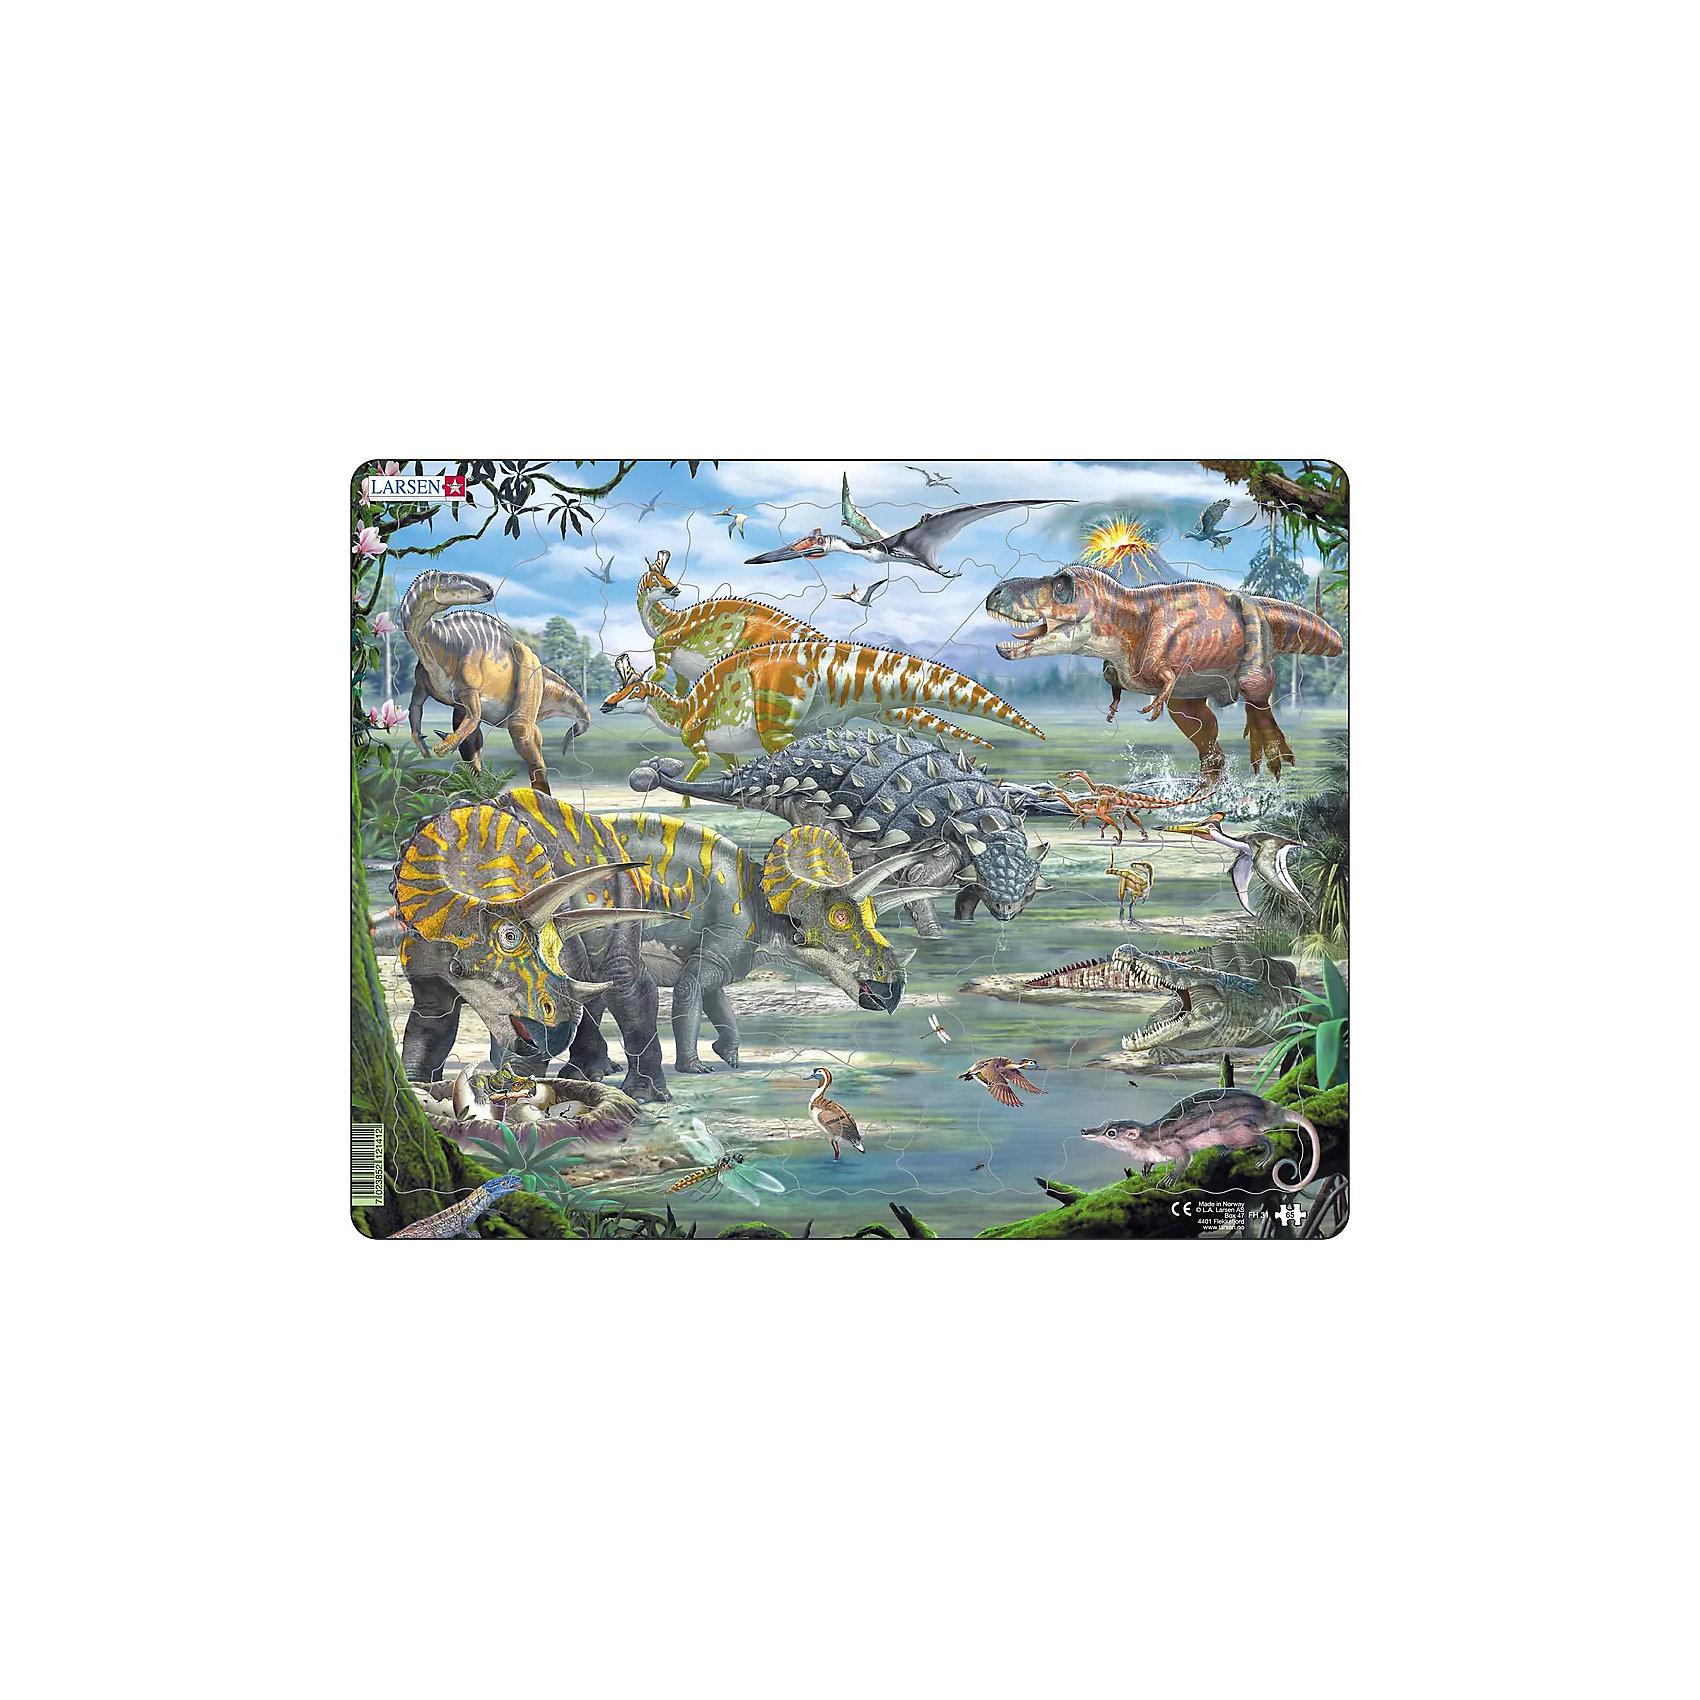 Пазл Динозавры, 65 деталей, LarsenНовый пазл Динозавры от компании Larsen придется по вкусу детям, готовящимся к поступлению в школе или учащимся в первом классе! Виды сверху слева направо: Кетцалькоатлус, Микрораптор, Игуанодонт, Ламбеозавр, Тираннозавр Рекс, Трицератопс, Дромеозавр, Анкилозавр, Троодон, Птеродактиль, Крокодил, Ящерица, Вегавис, Стрекоза, Симолестес. Увлекательный пазл от знаменитой норвежской компании позволит детям познакомиться с различными видами динозавров. Пазл выполнен в ярких, красочных цветах, а материалы, из которых он сделан, отличаются высоким качеством и абсолютно безопасны для вашего ребенка. Игра с пазлами развивает мелкую моторику рук, внимание, логическое мышление и творческое воображение. В наборе: 65 элементов пазла.<br><br>Ширина мм: 365<br>Глубина мм: 5<br>Высота мм: 285<br>Вес г: 320<br>Возраст от месяцев: 36<br>Возраст до месяцев: 1188<br>Пол: Унисекс<br>Возраст: Детский<br>SKU: 4761477